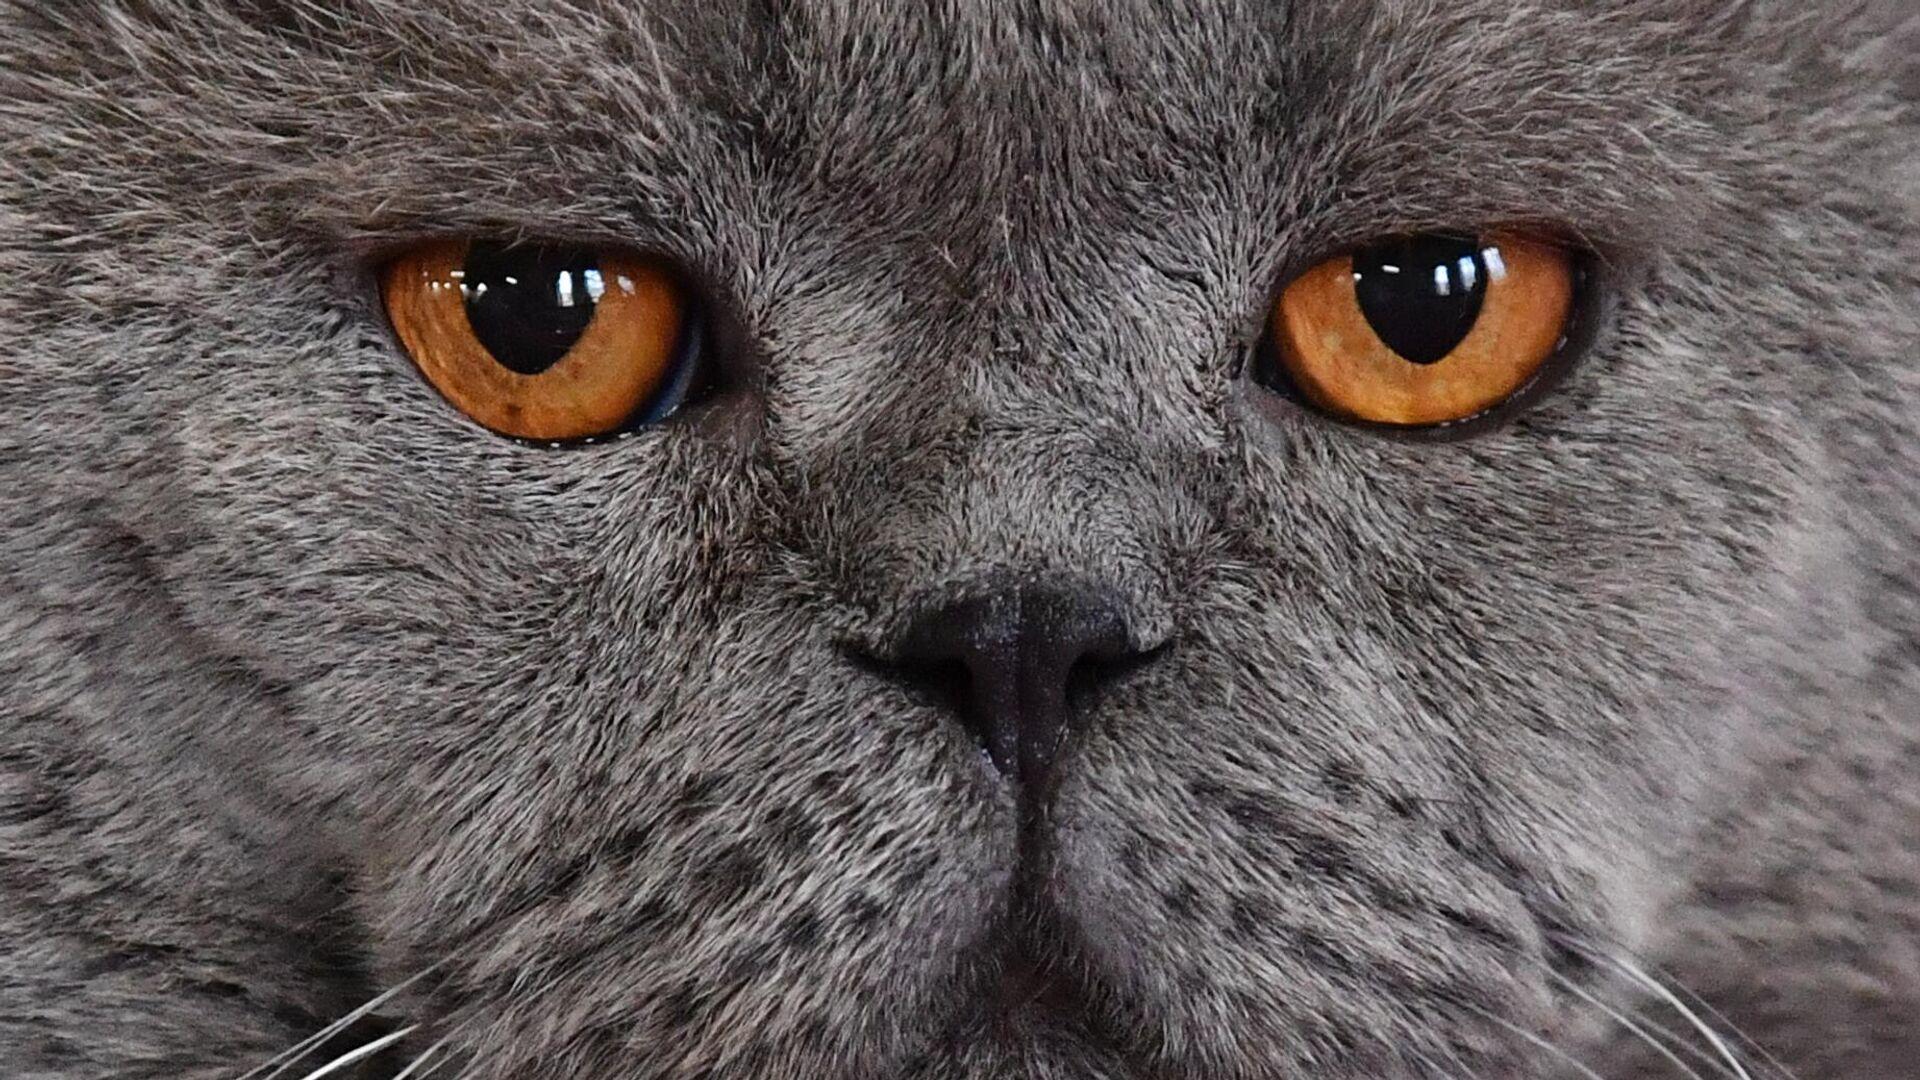 Кошка породы британская на выставке КоШарики-Шоу в Москве - РИА Новости, 1920, 10.12.2020